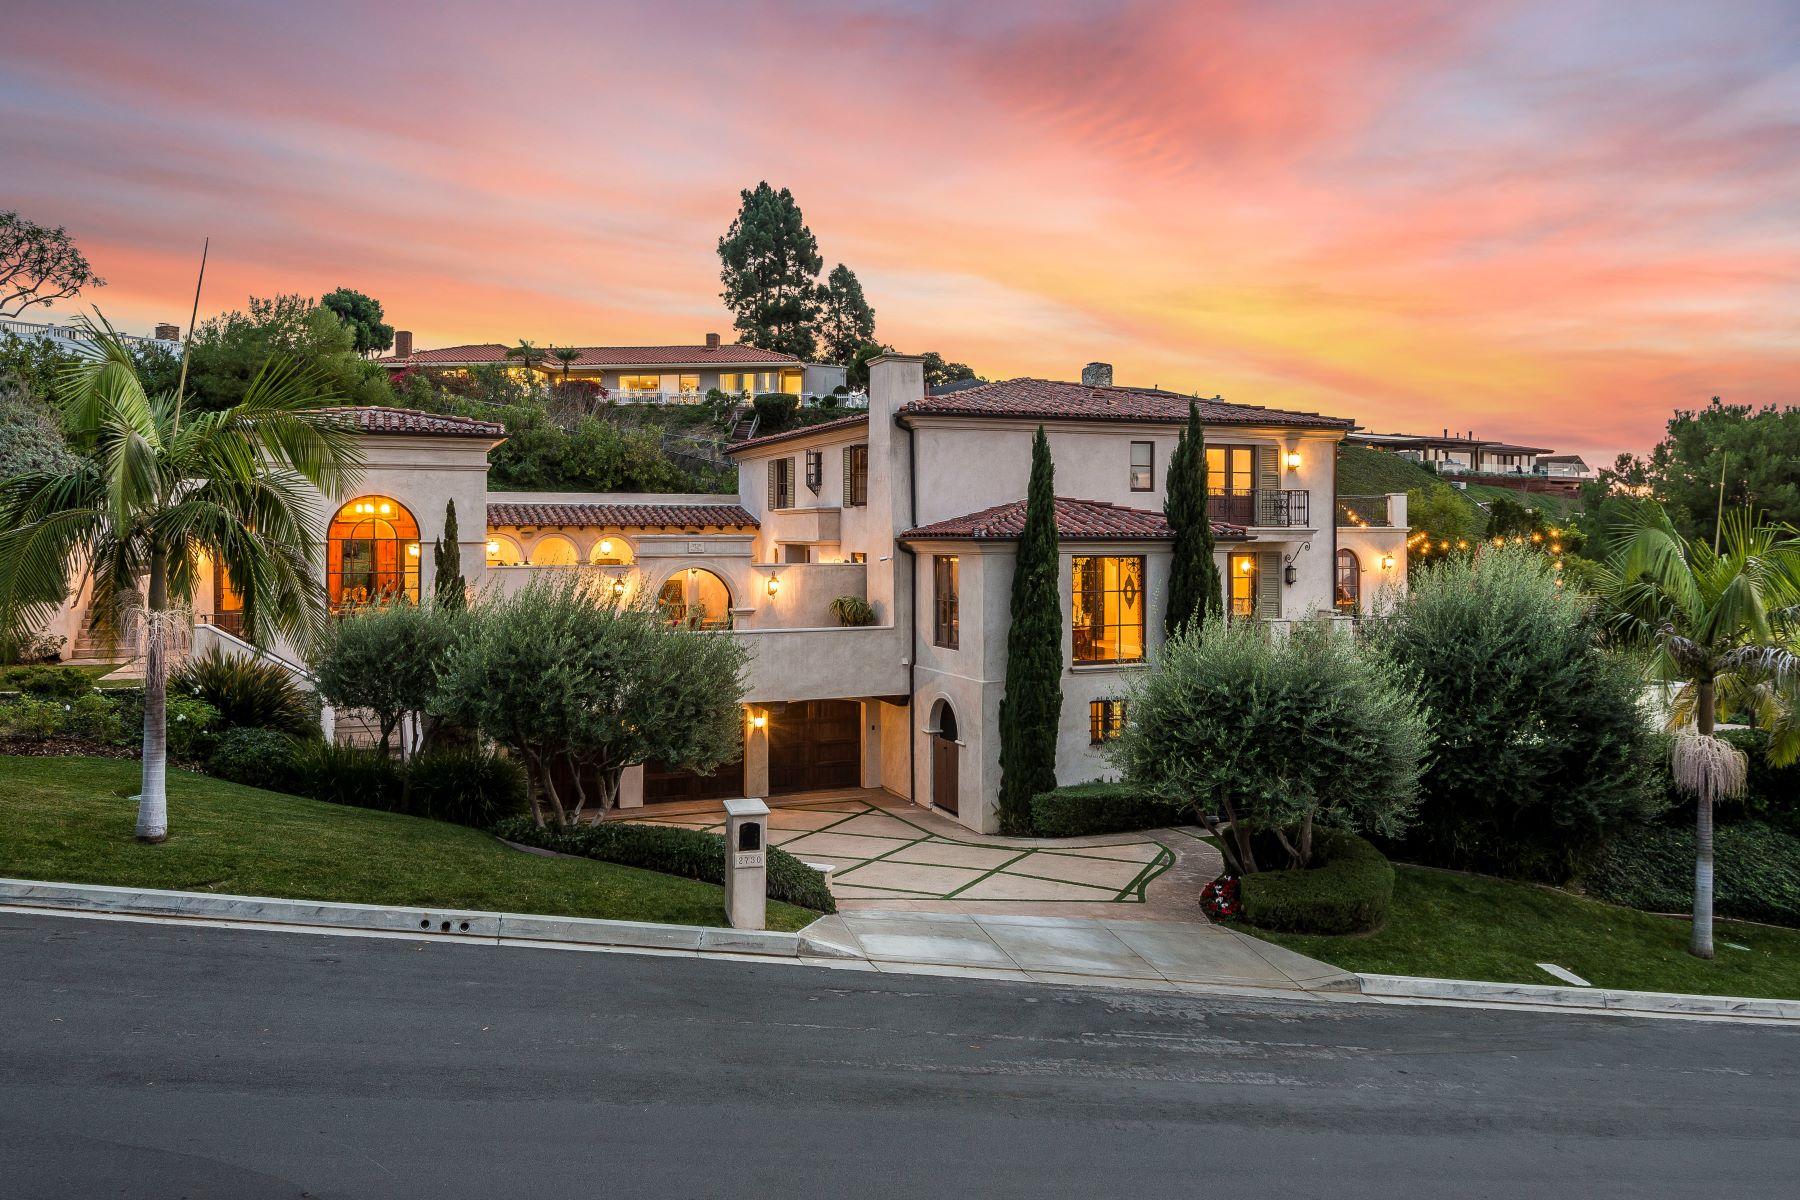 Single Family Homes for Sale at 2730 Vía Victoria, Palos Verdes Estates, CA 90274 2730 Vía Victoria Palos Verdes Estates, California 90274 United States